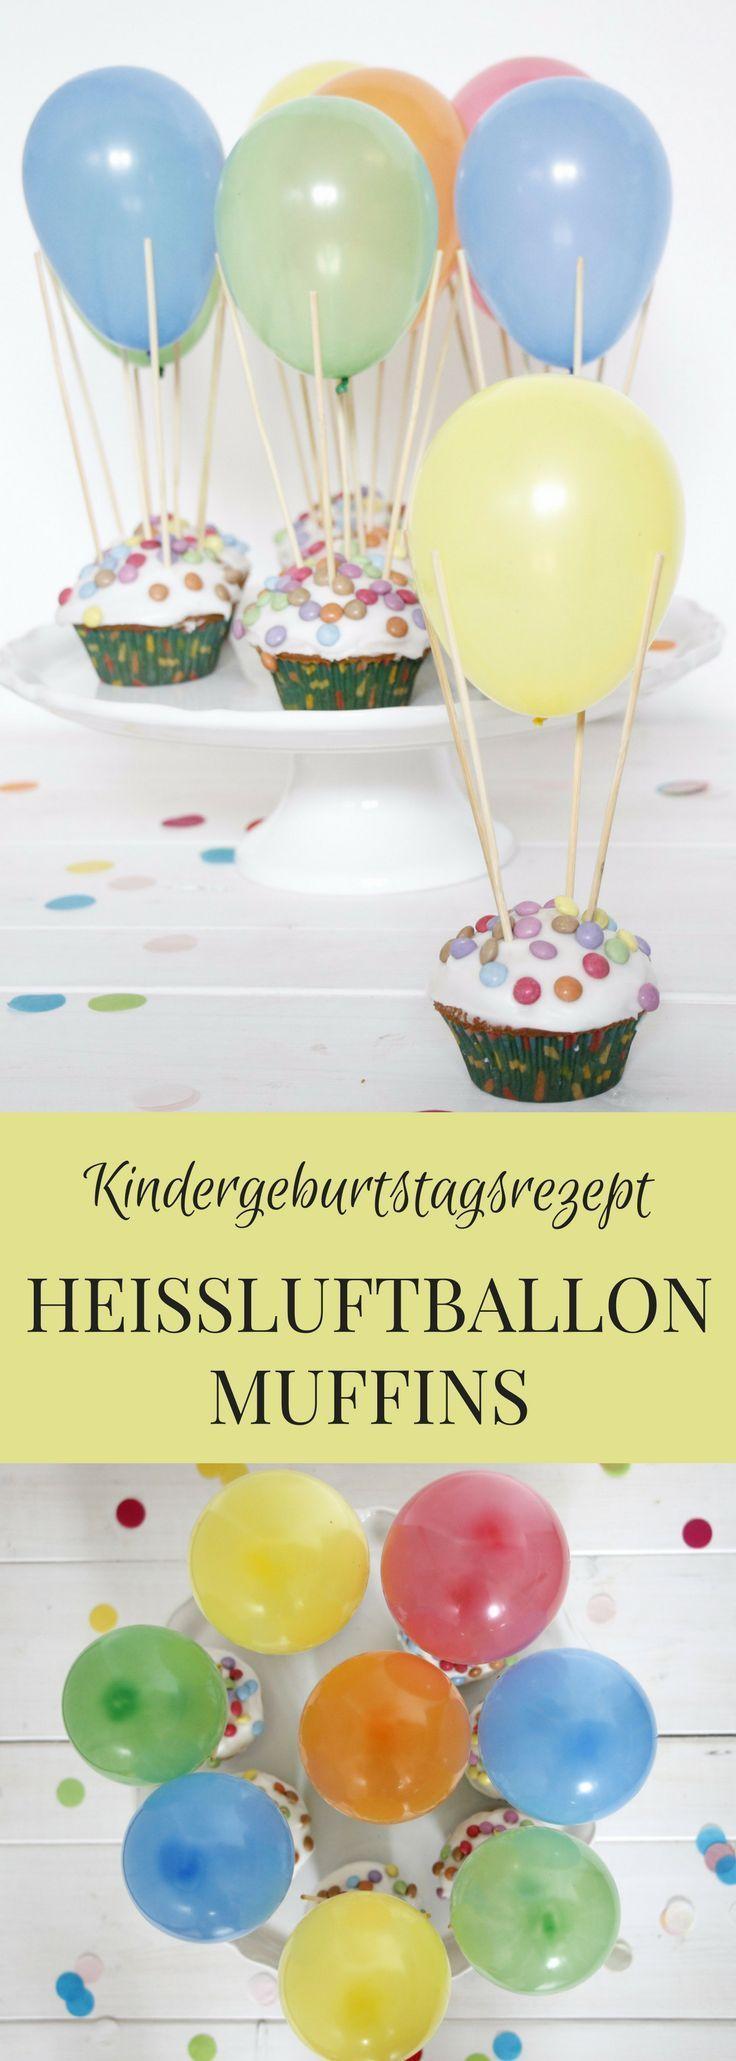 Idee für den Kindergeburtstag: Rezept für Heißluftballon-Muffins